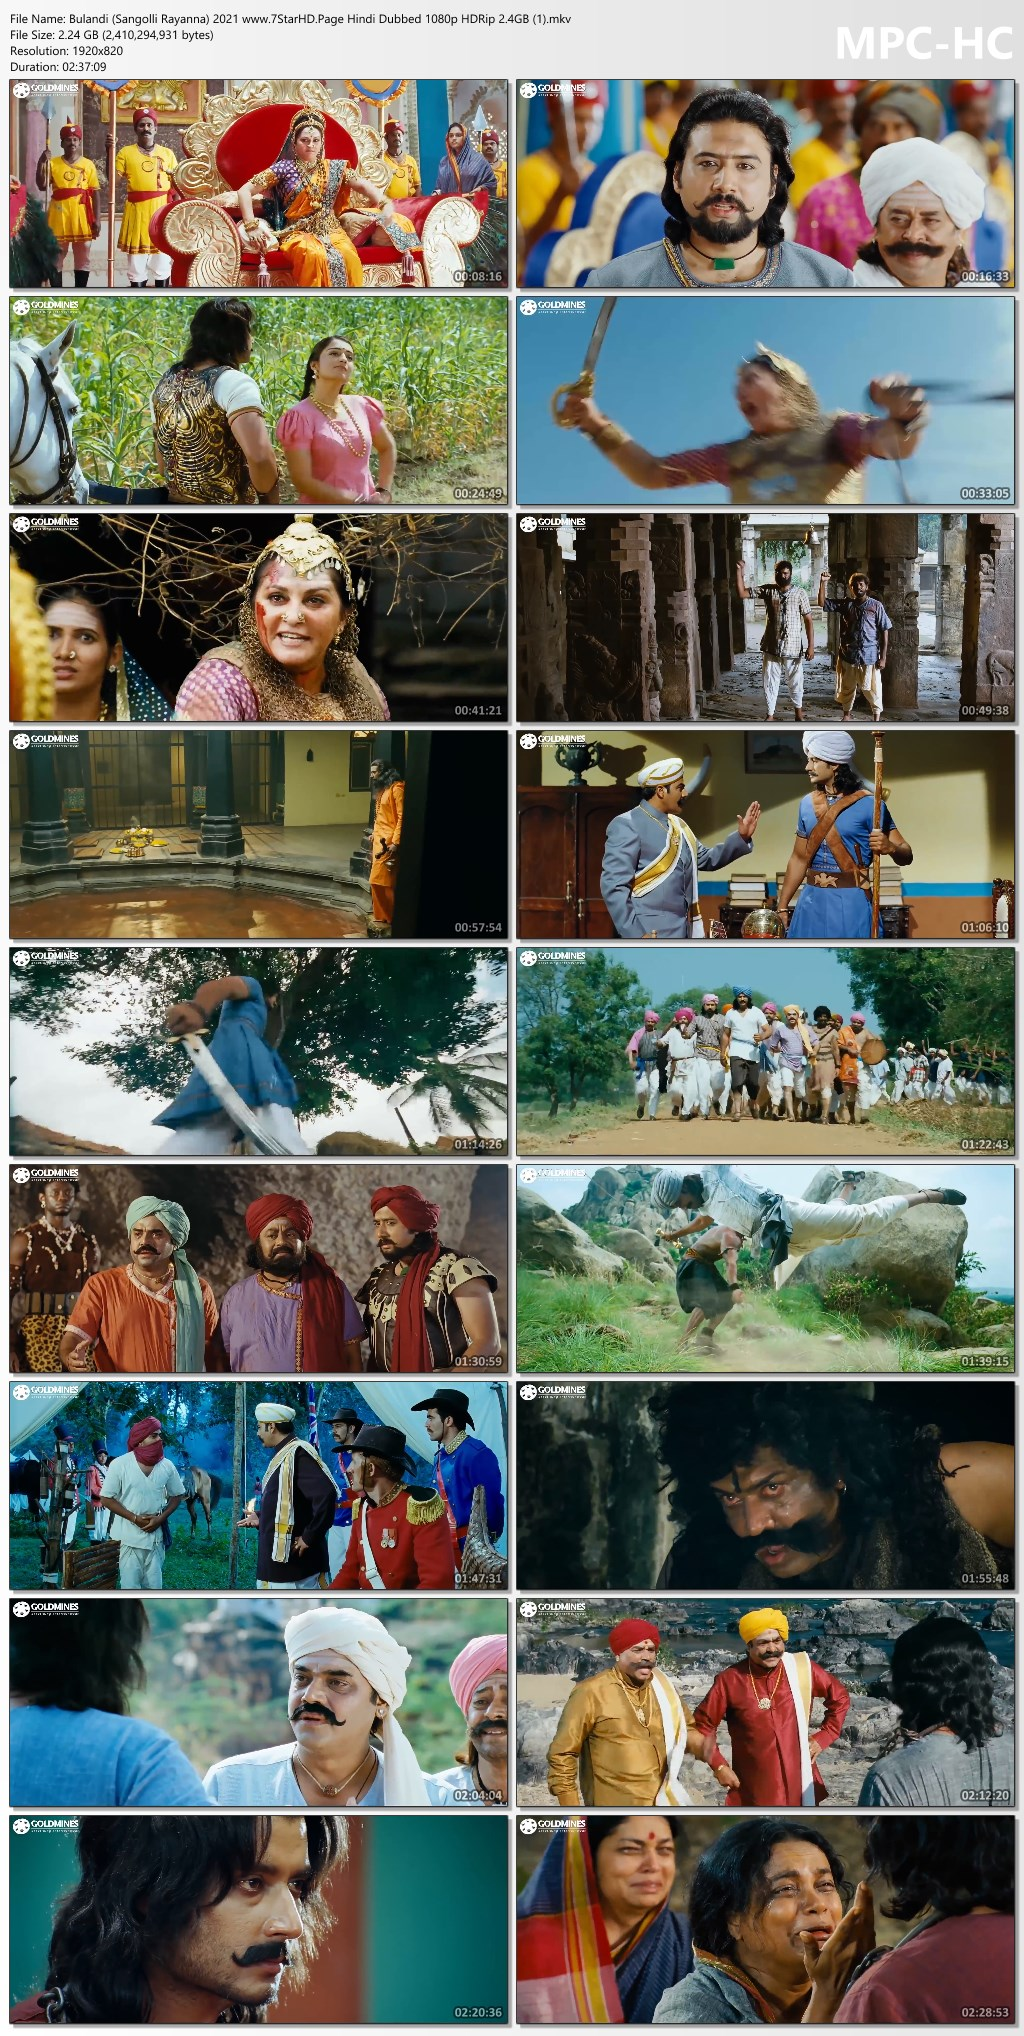 Bulandi (Sangolli Rayanna) 2021 Hindi Dubbed 720p HDRip 1.1GB Download - optimadu.com